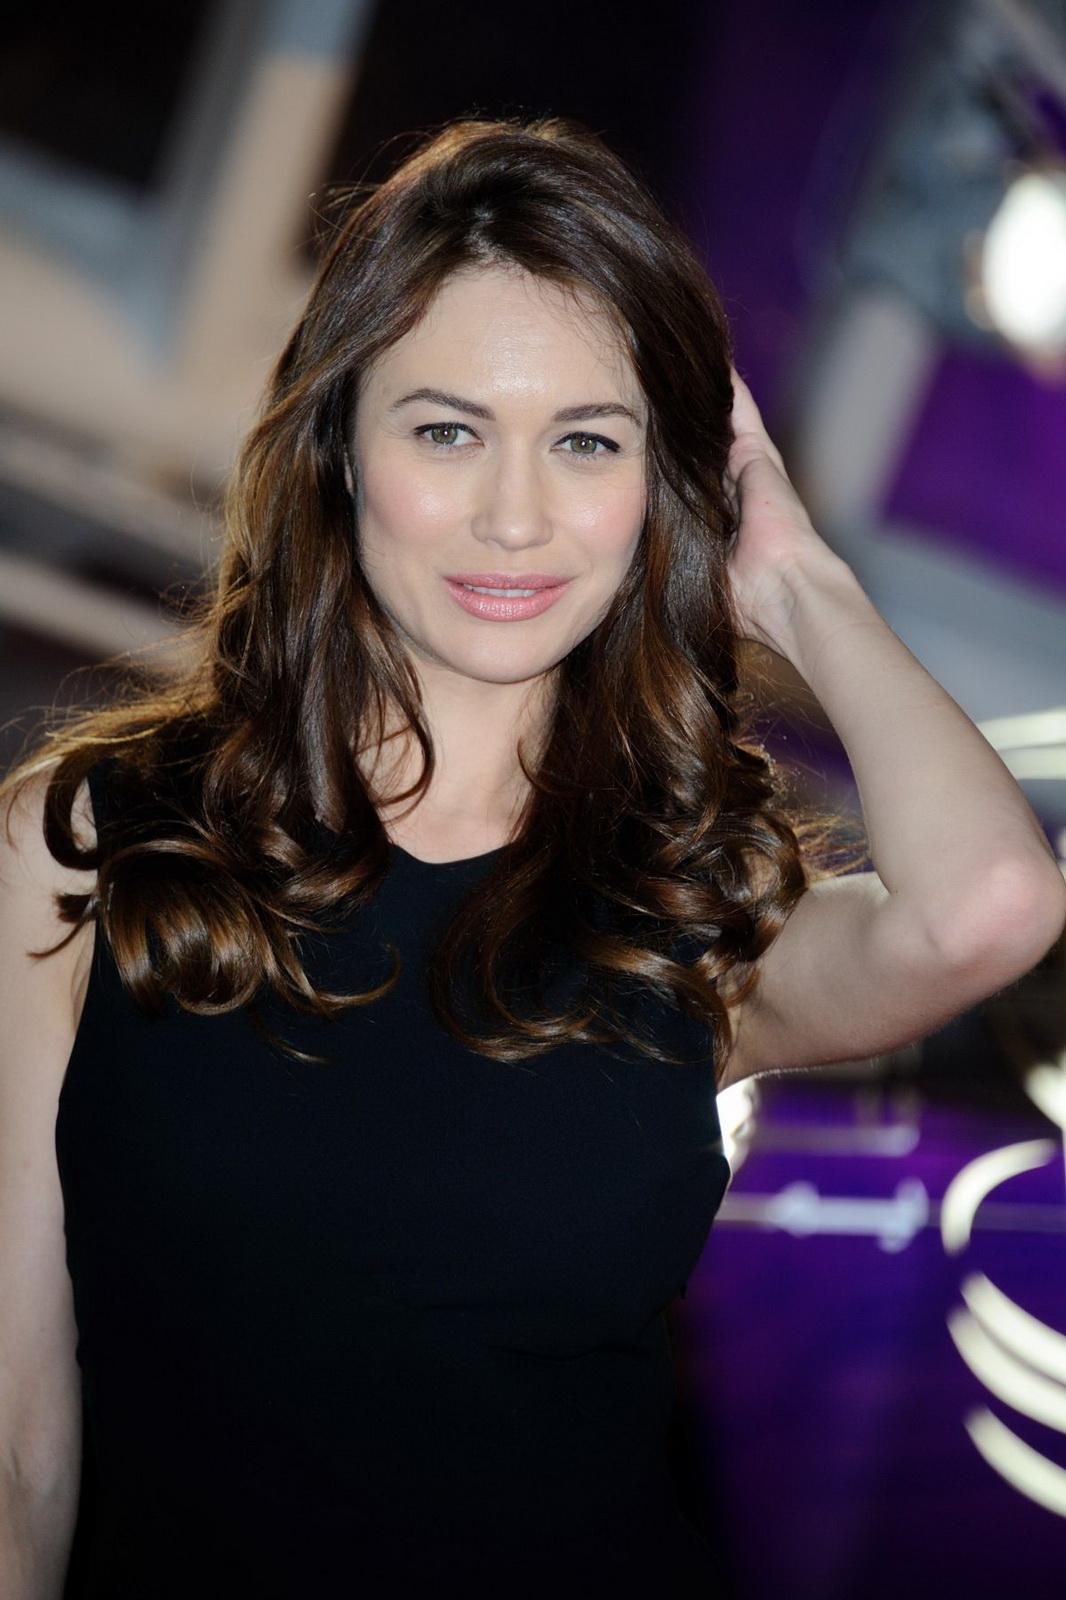 Arts Cross Stitch: Actress, Model, @ Olga Kurylenko - 'You ... Olga Kurylenko